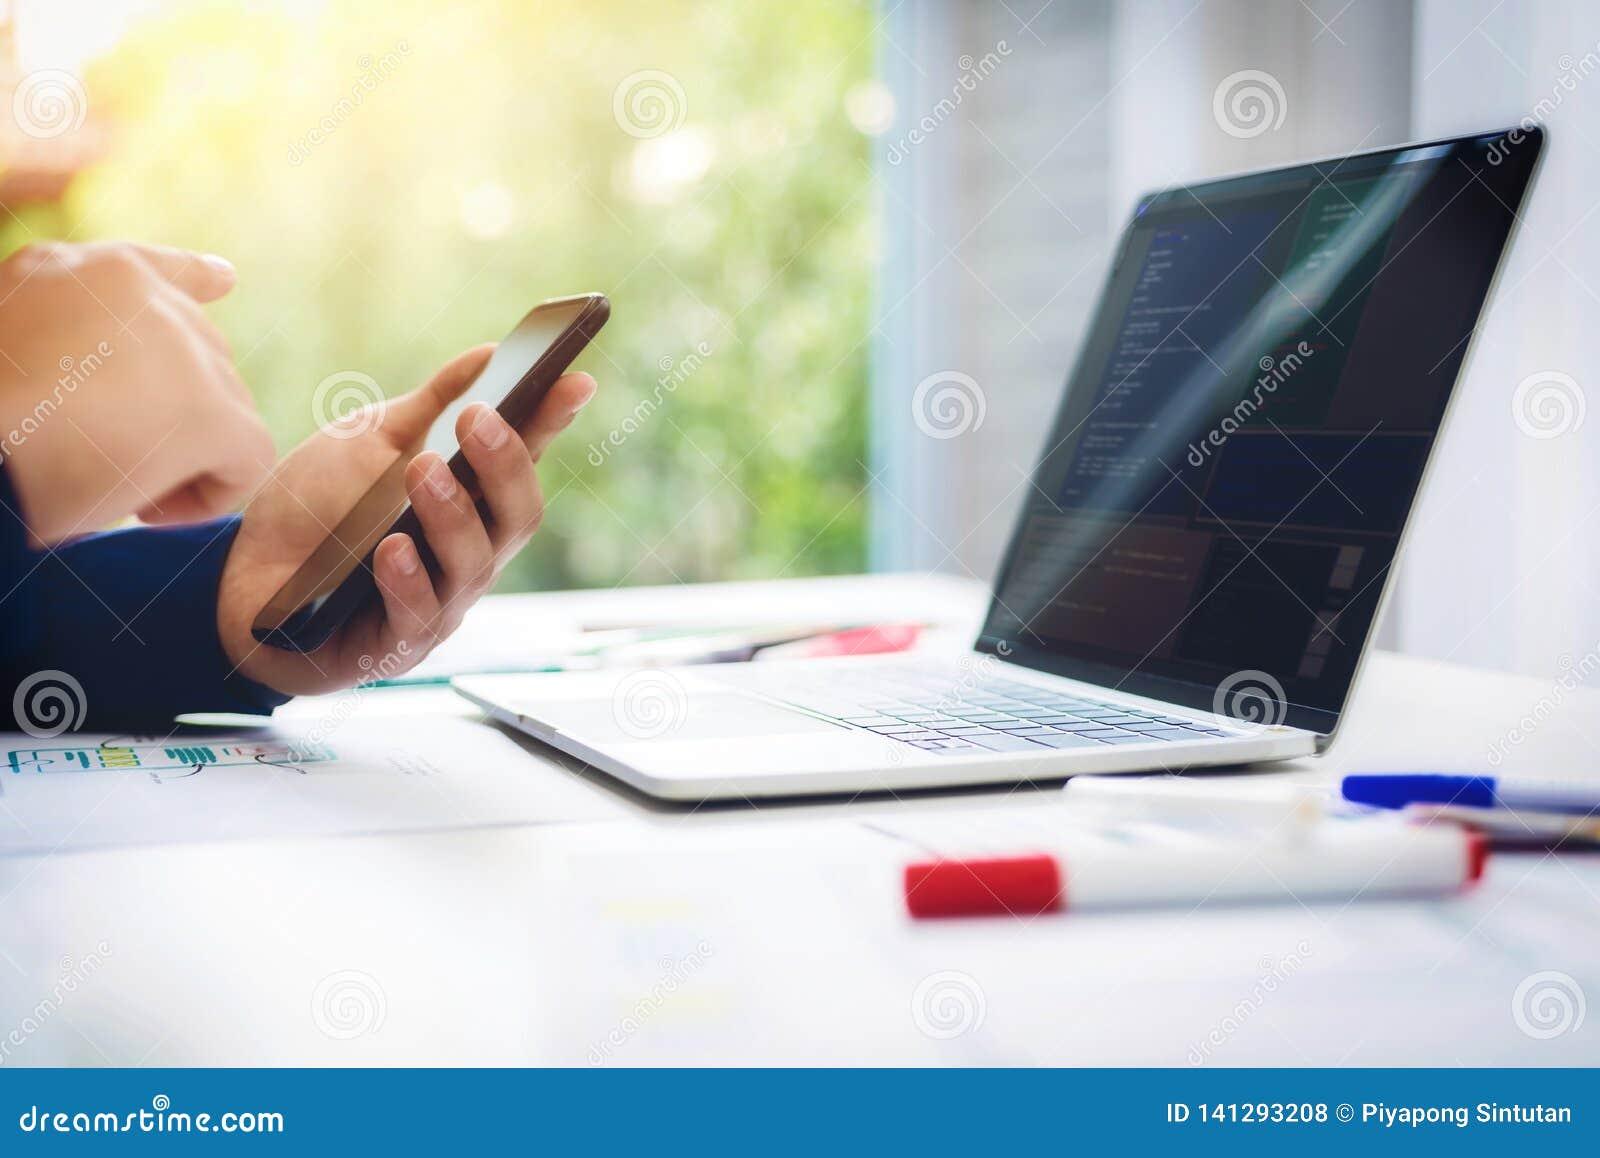 Programmeur het werk ontwerp van het test het nieuwe Web op computerlaptop met mobiele telefoon in bureau Programmerings Bedrijfs